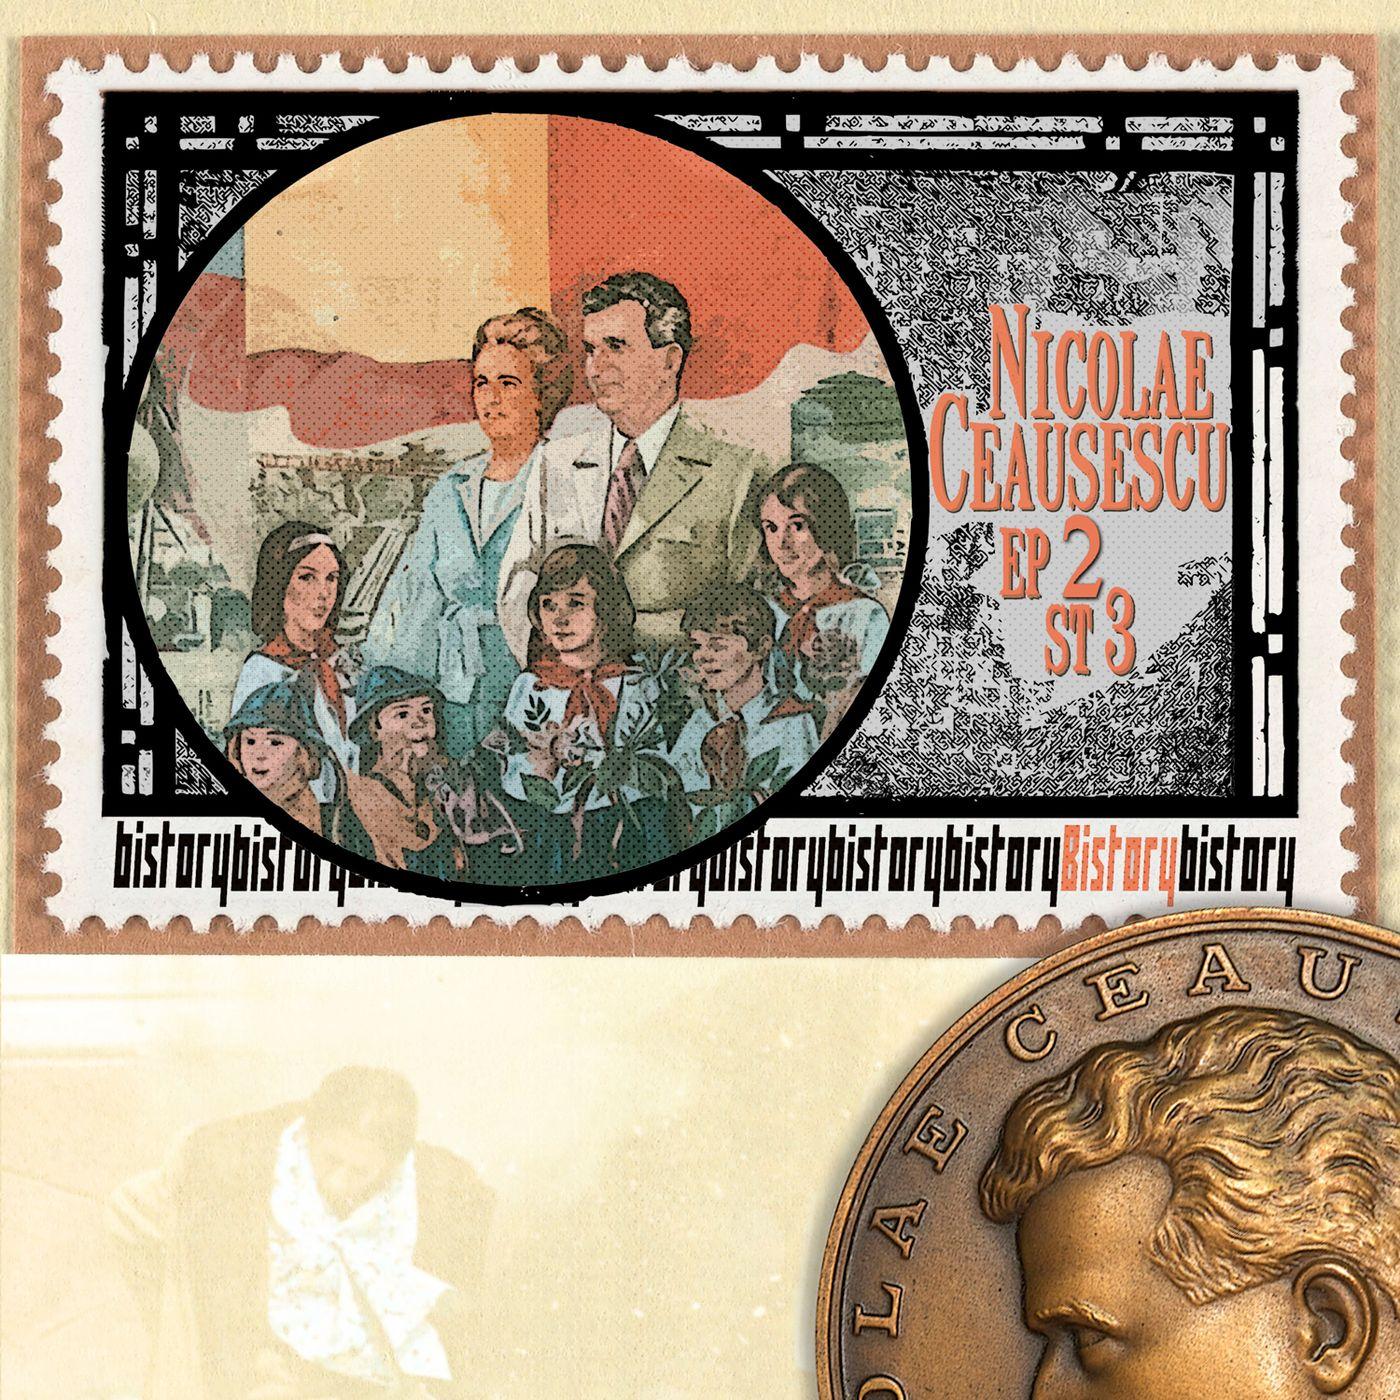 Bistory S03E02 Nicolae Ceausescu